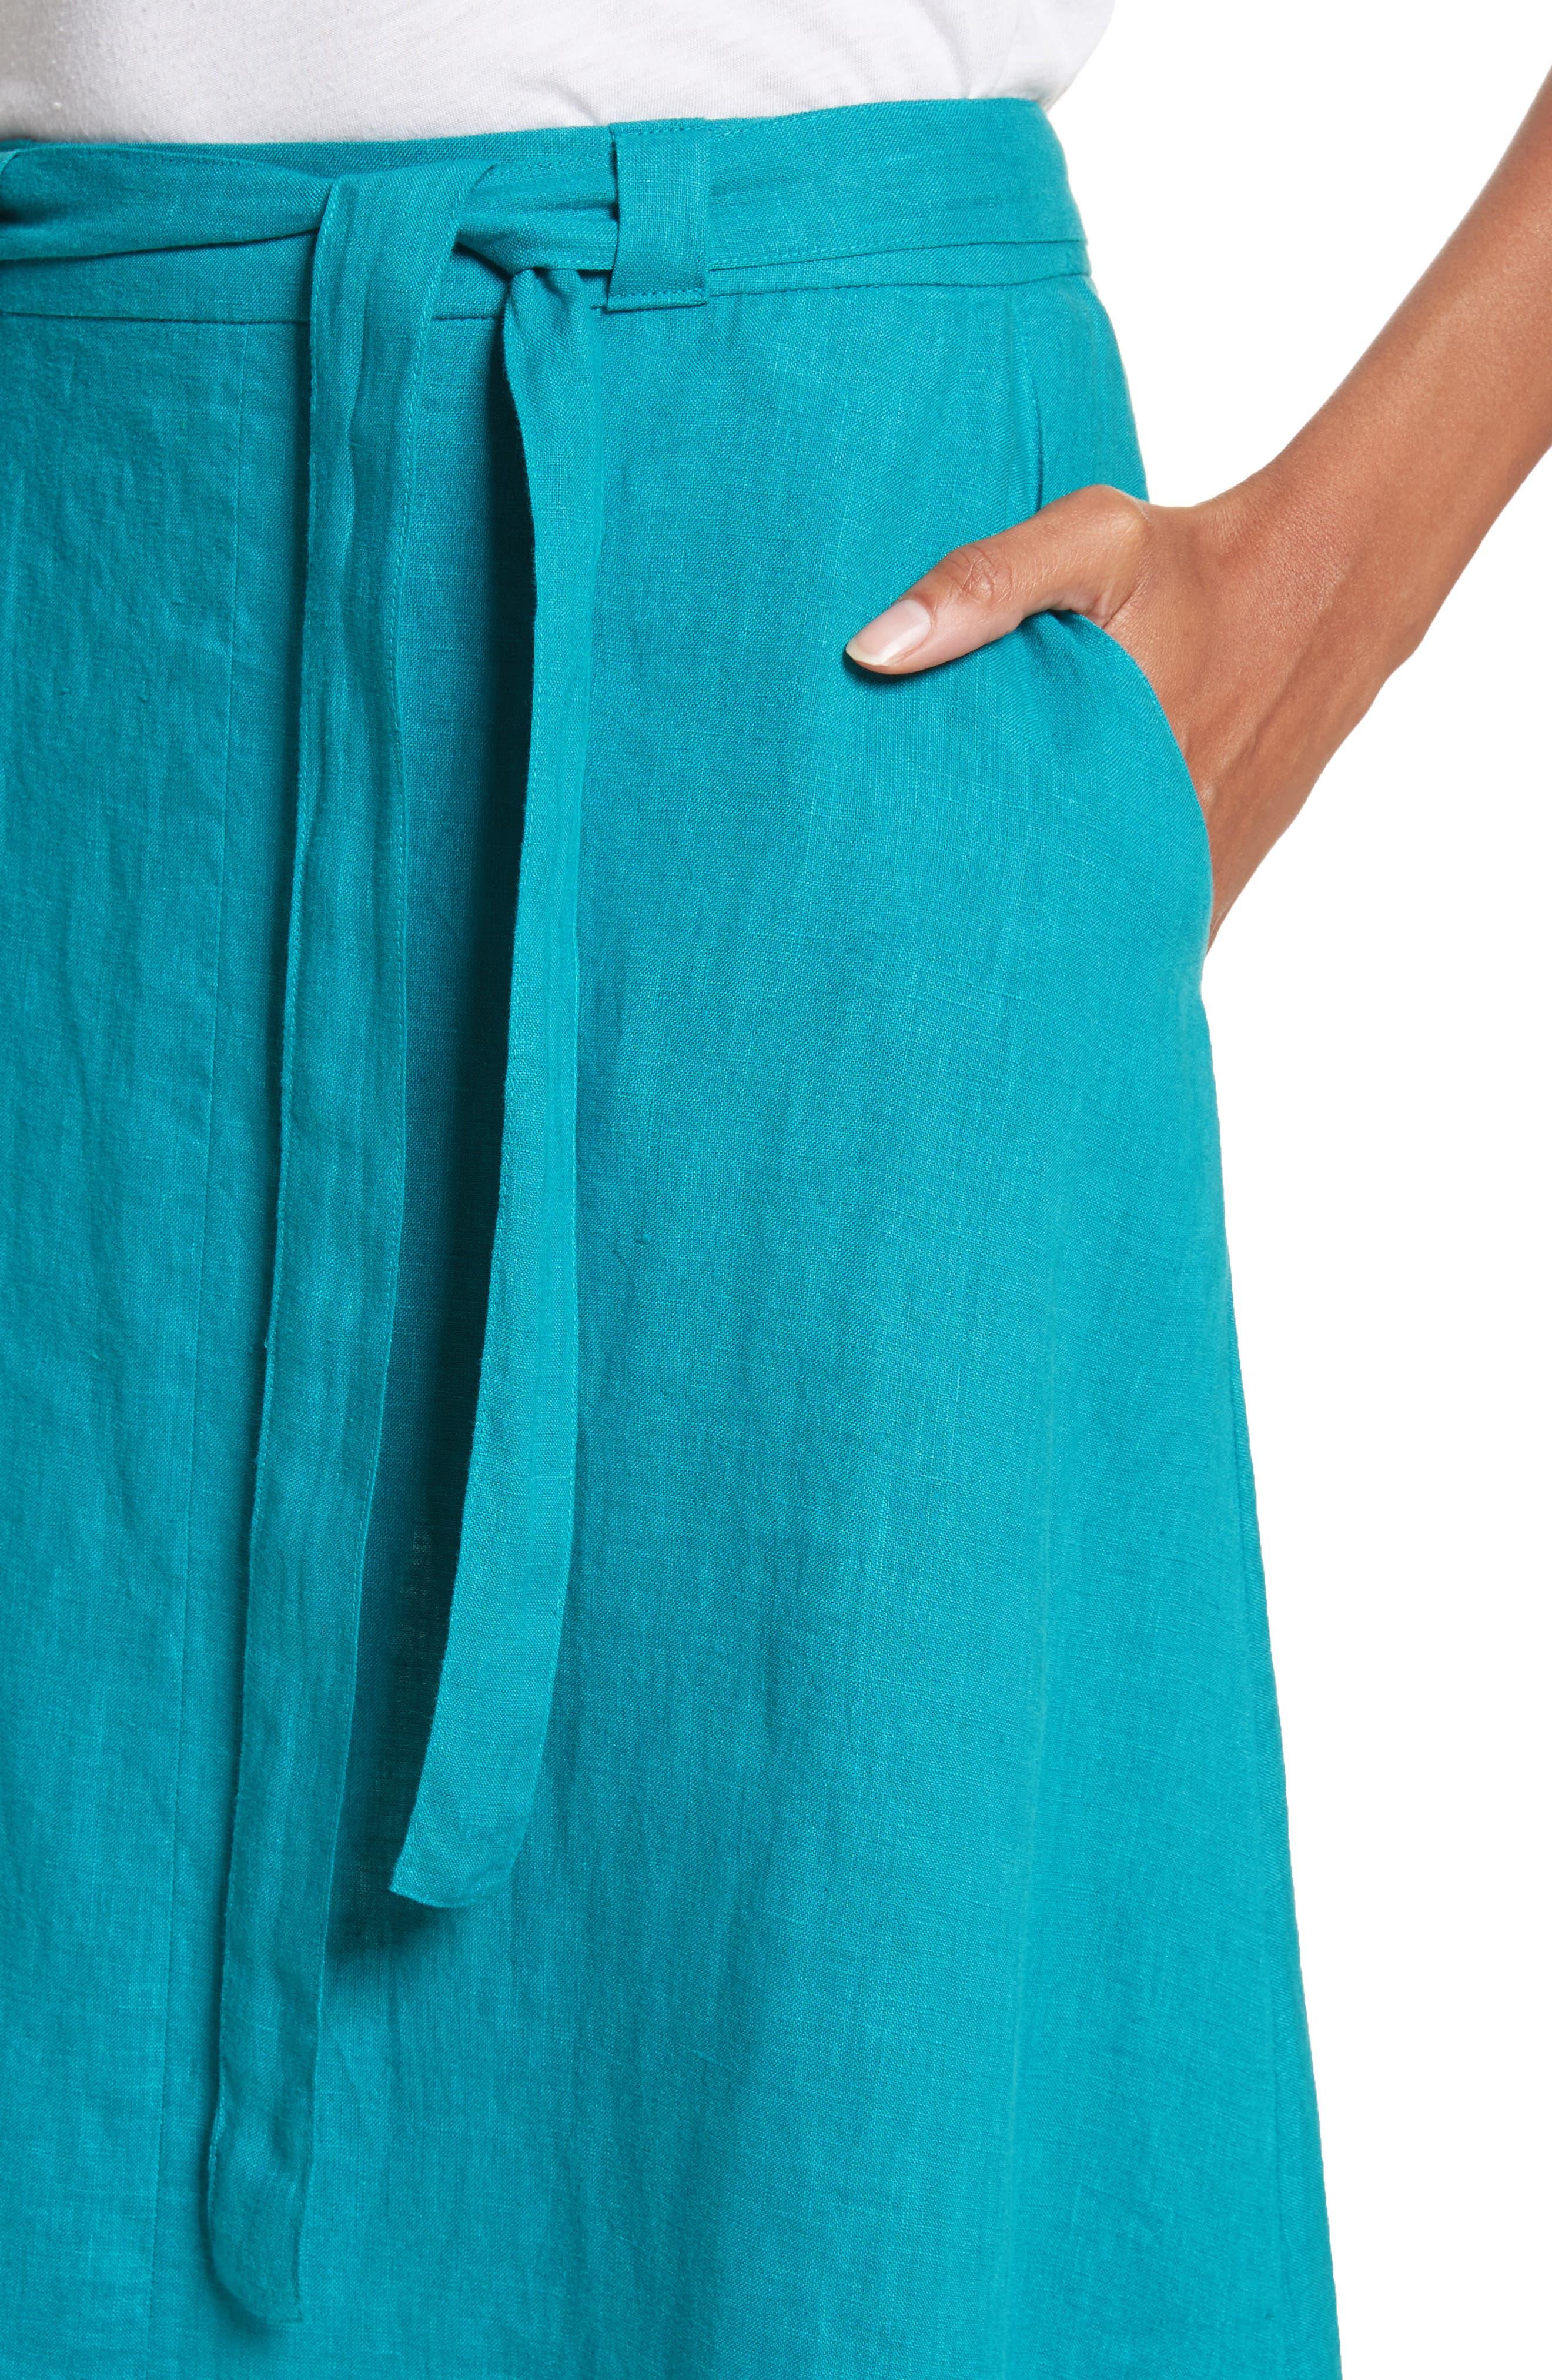 Delta Tie Waist Linen Skirt,                             Alternate thumbnail 4, color,                             Peacock